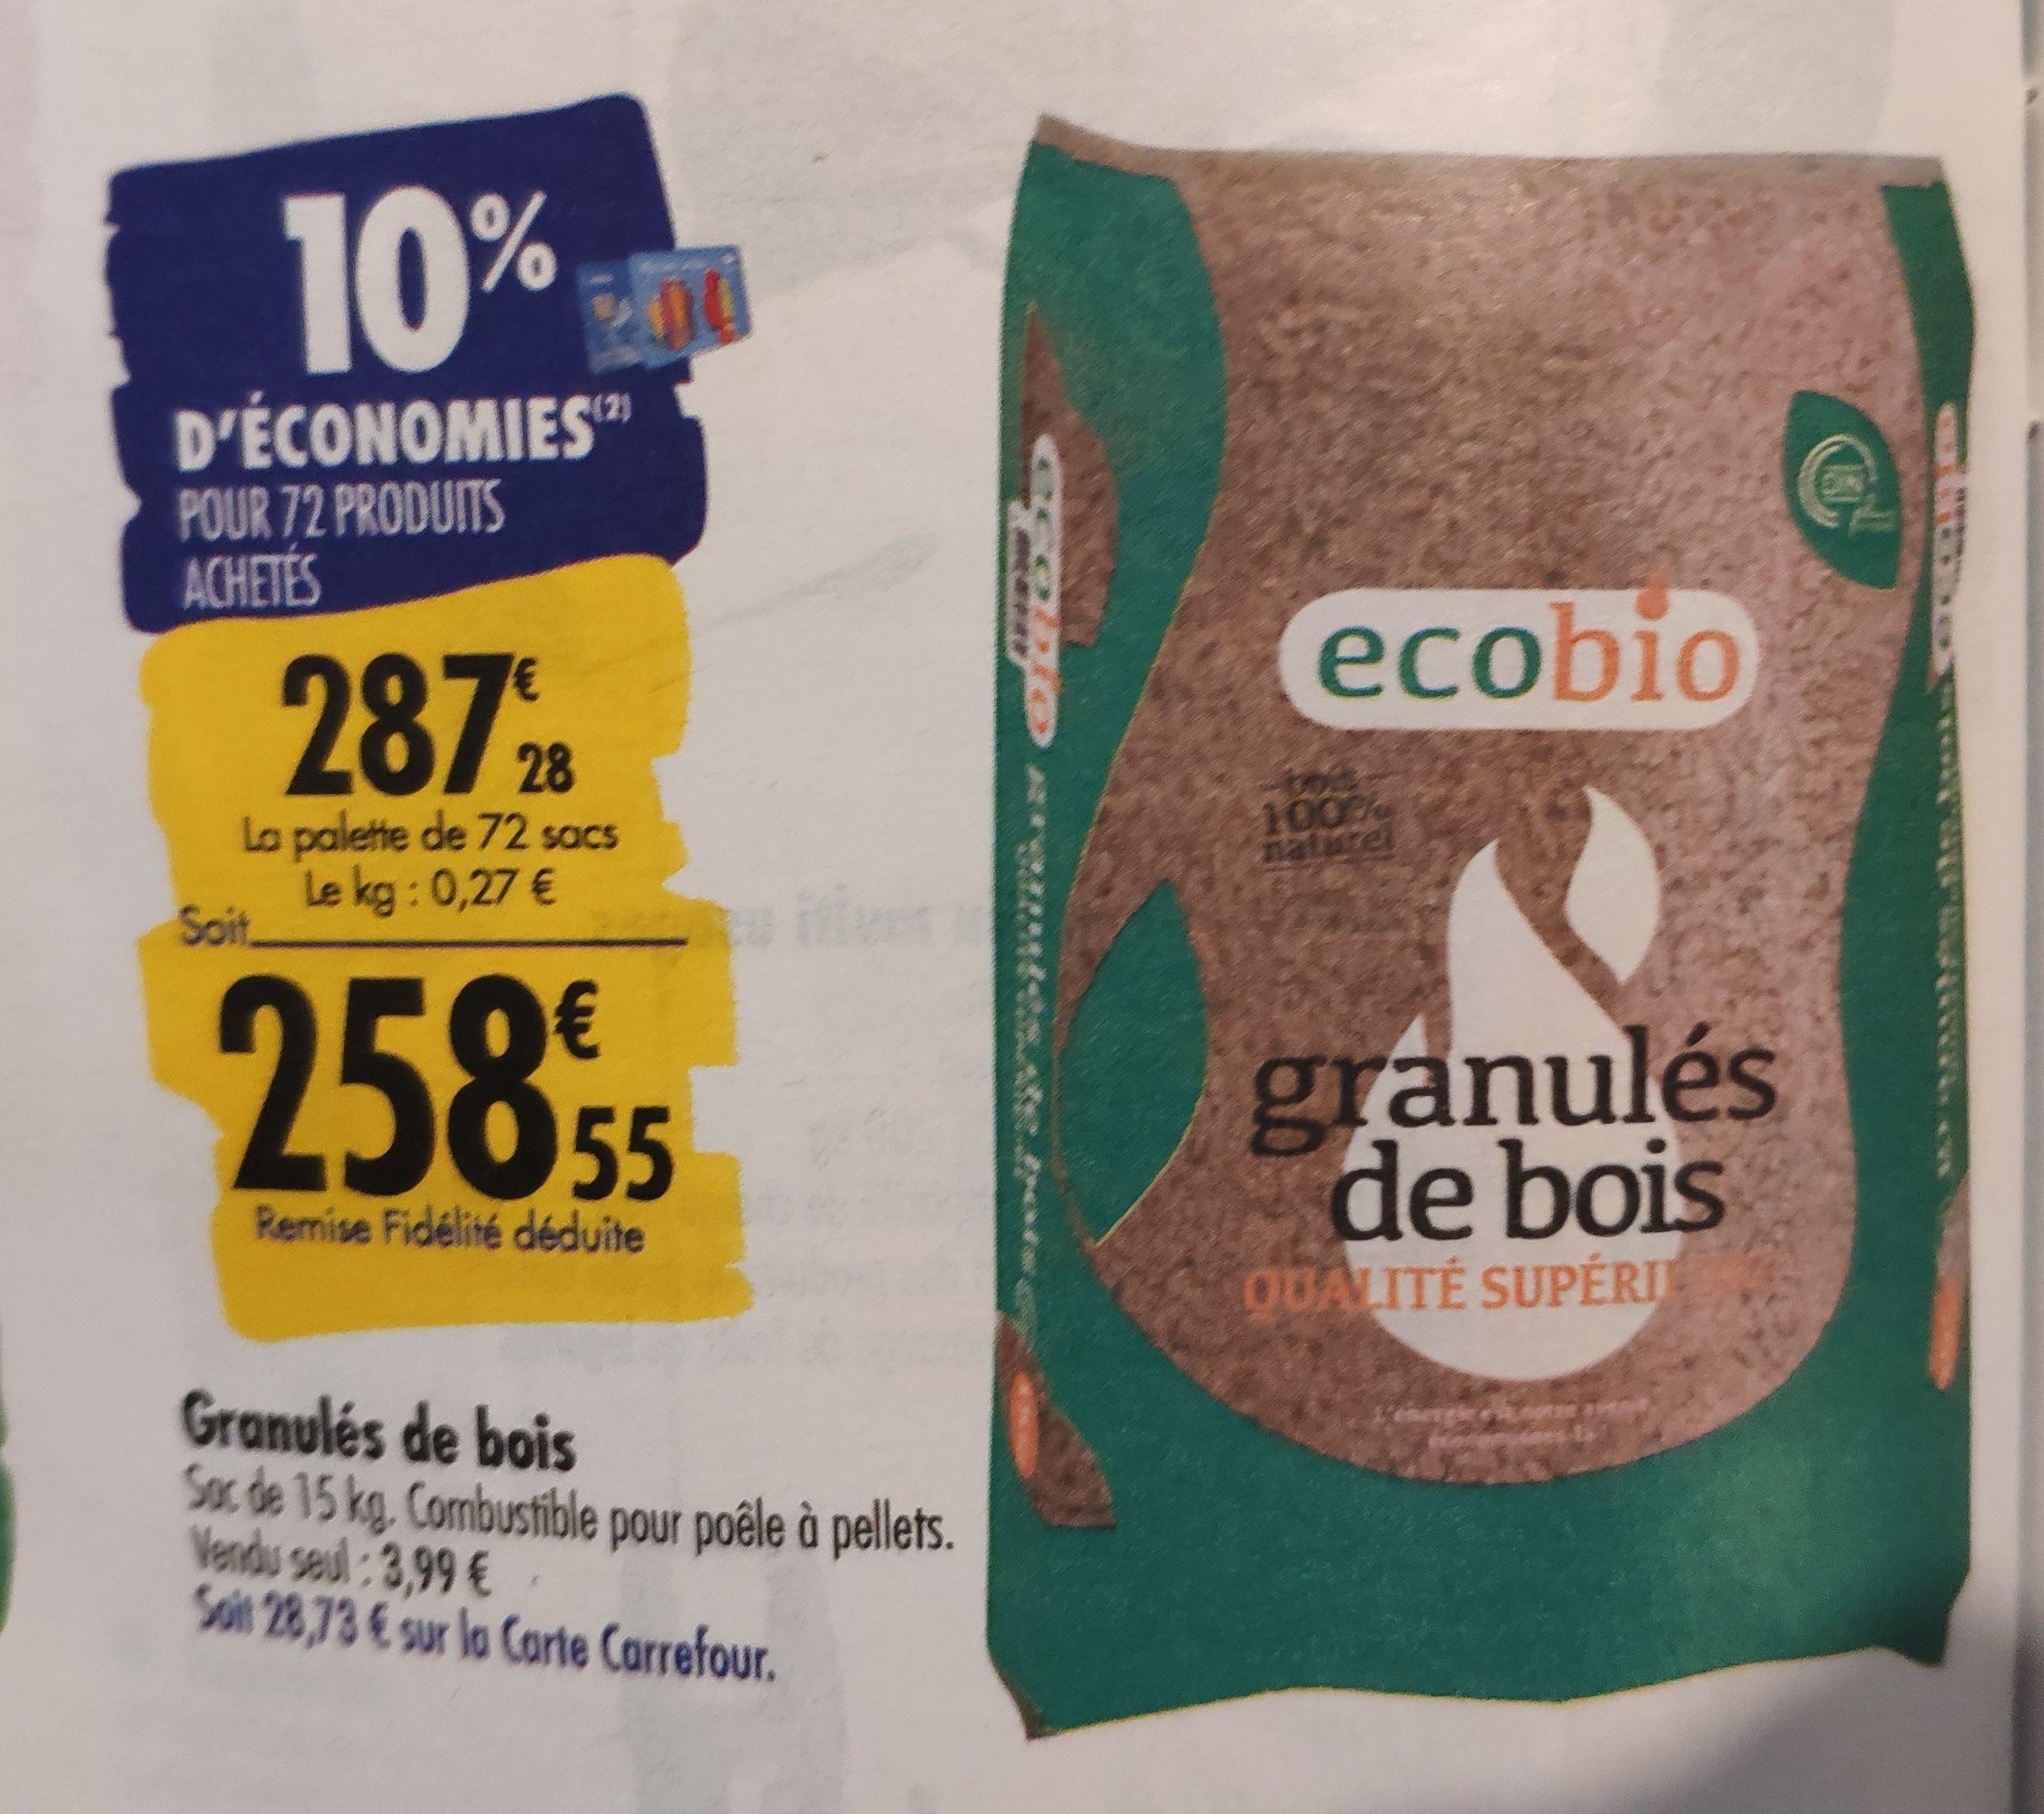 Palette de 72 sacs de granulés de bois Ecobio - 72x15 Kg